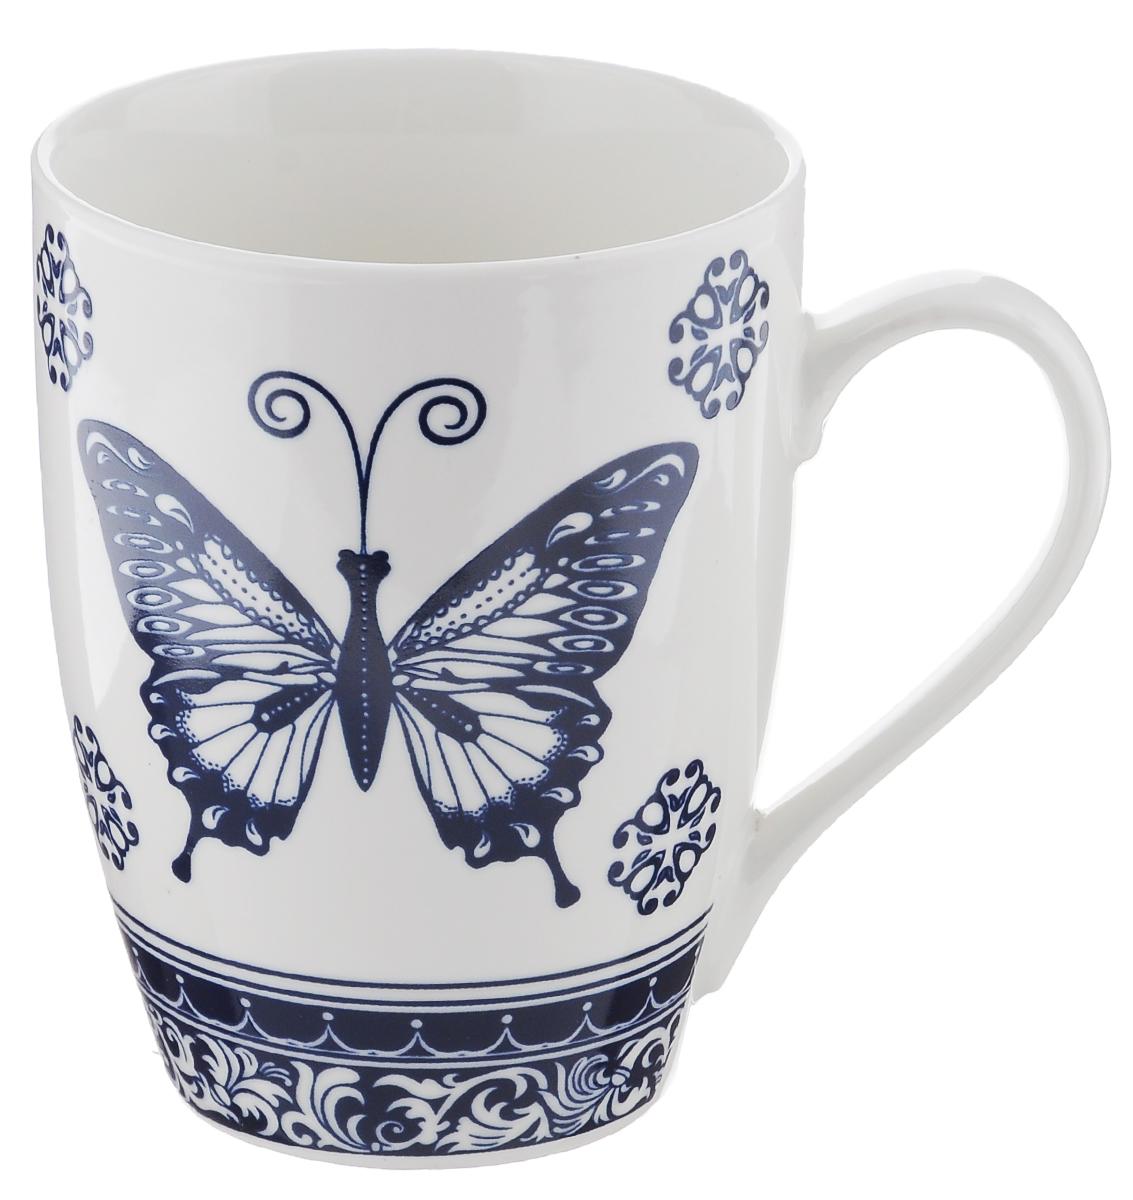 Кружка Miolla, цвет: белый, синий, 340 мл. 2010060U-12010060U-1Оригинальная кружка Miolla, выполненная из фарфора, сочетает в себе изысканный дизайн с максимальной функциональностью. Кружка украшена оригинальным выразительным рисунком.Красочность оформления кружки придется по вкусу и ценителям классики, и тем, кто предпочитает утонченность и изысканность.Диаметр (по верхнему краю): 8 см. Высота: 11 см. Объем: 340 мл.